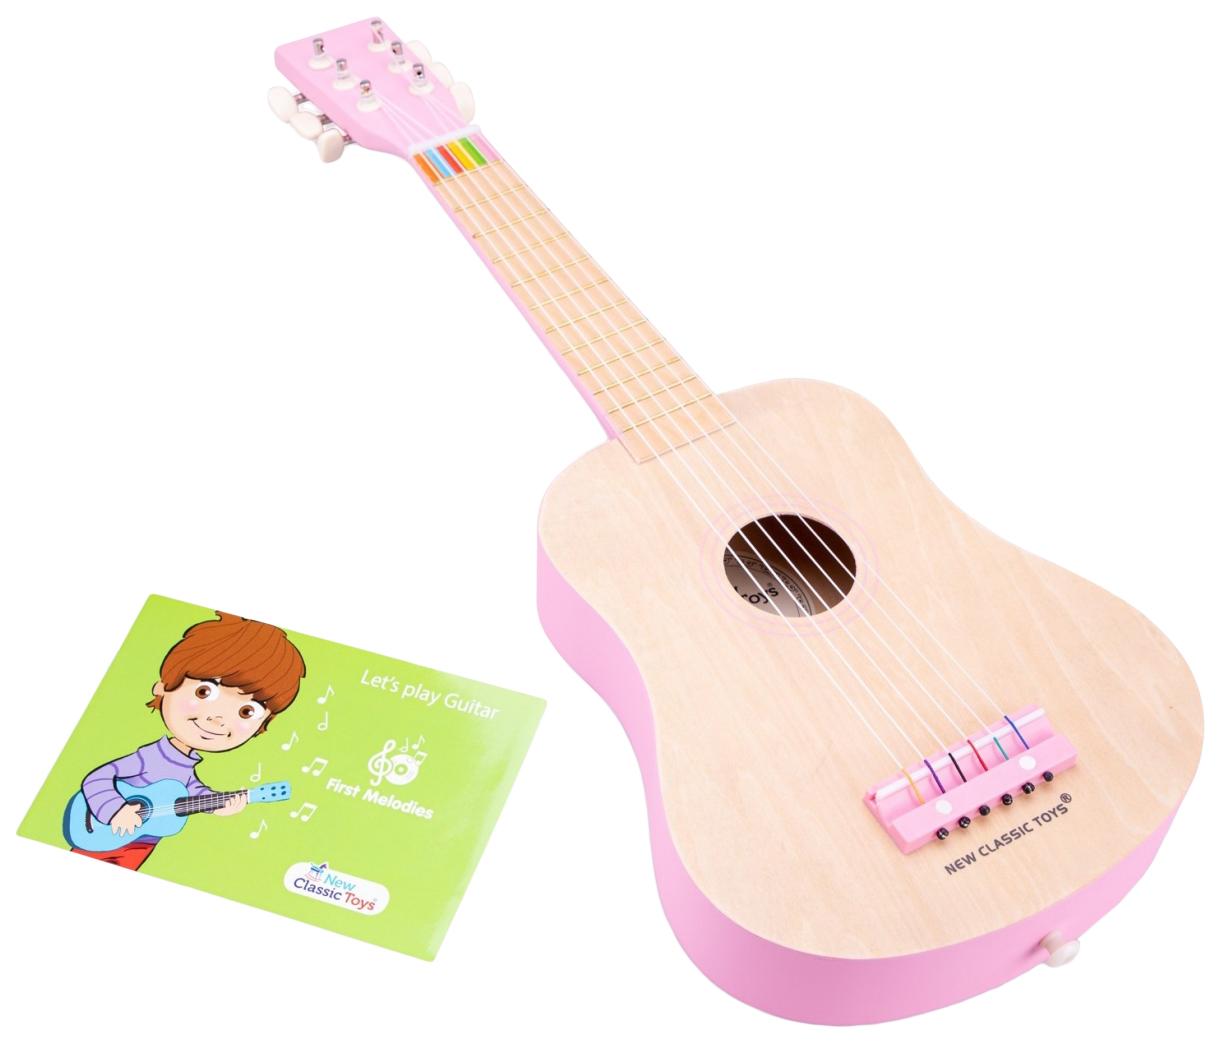 Купить Гитара New Classic Toys 10302 розовая,